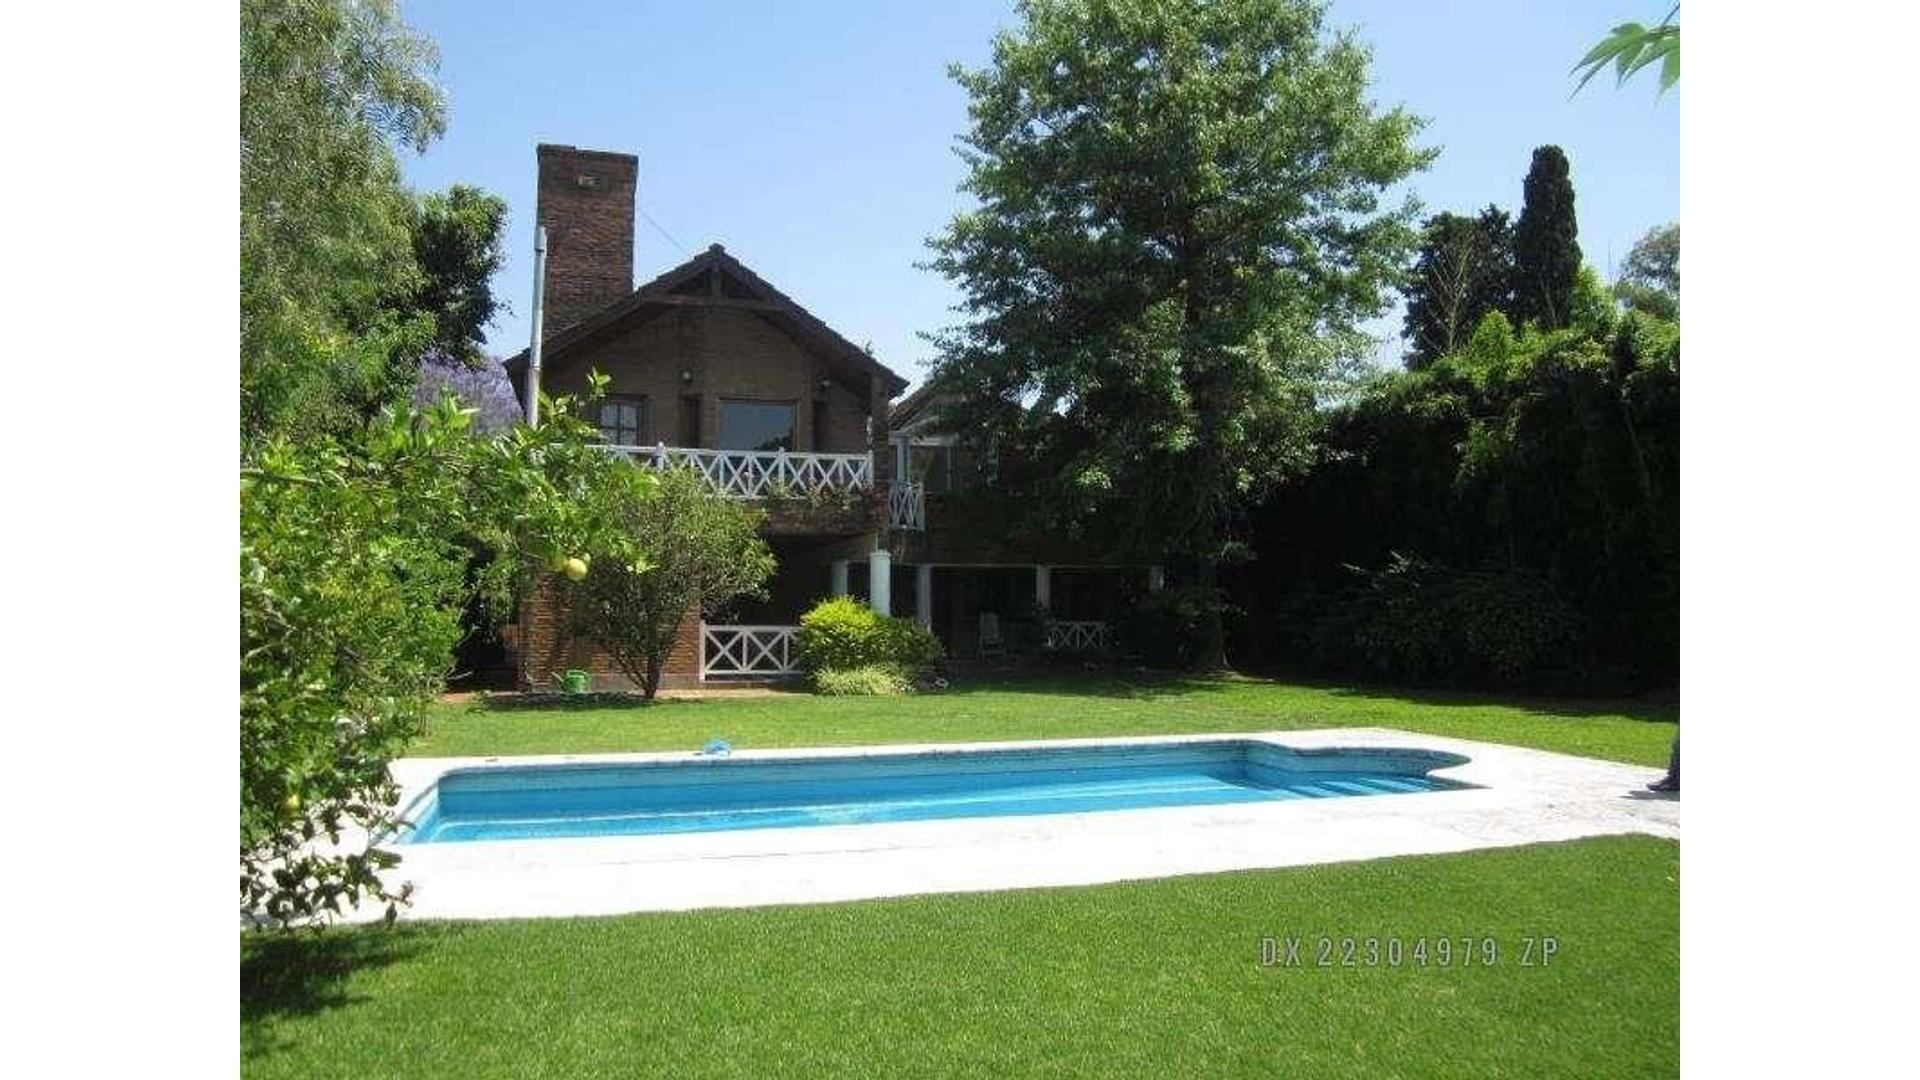 Casa - GBA Zona Norte - Lomas de San Isidro